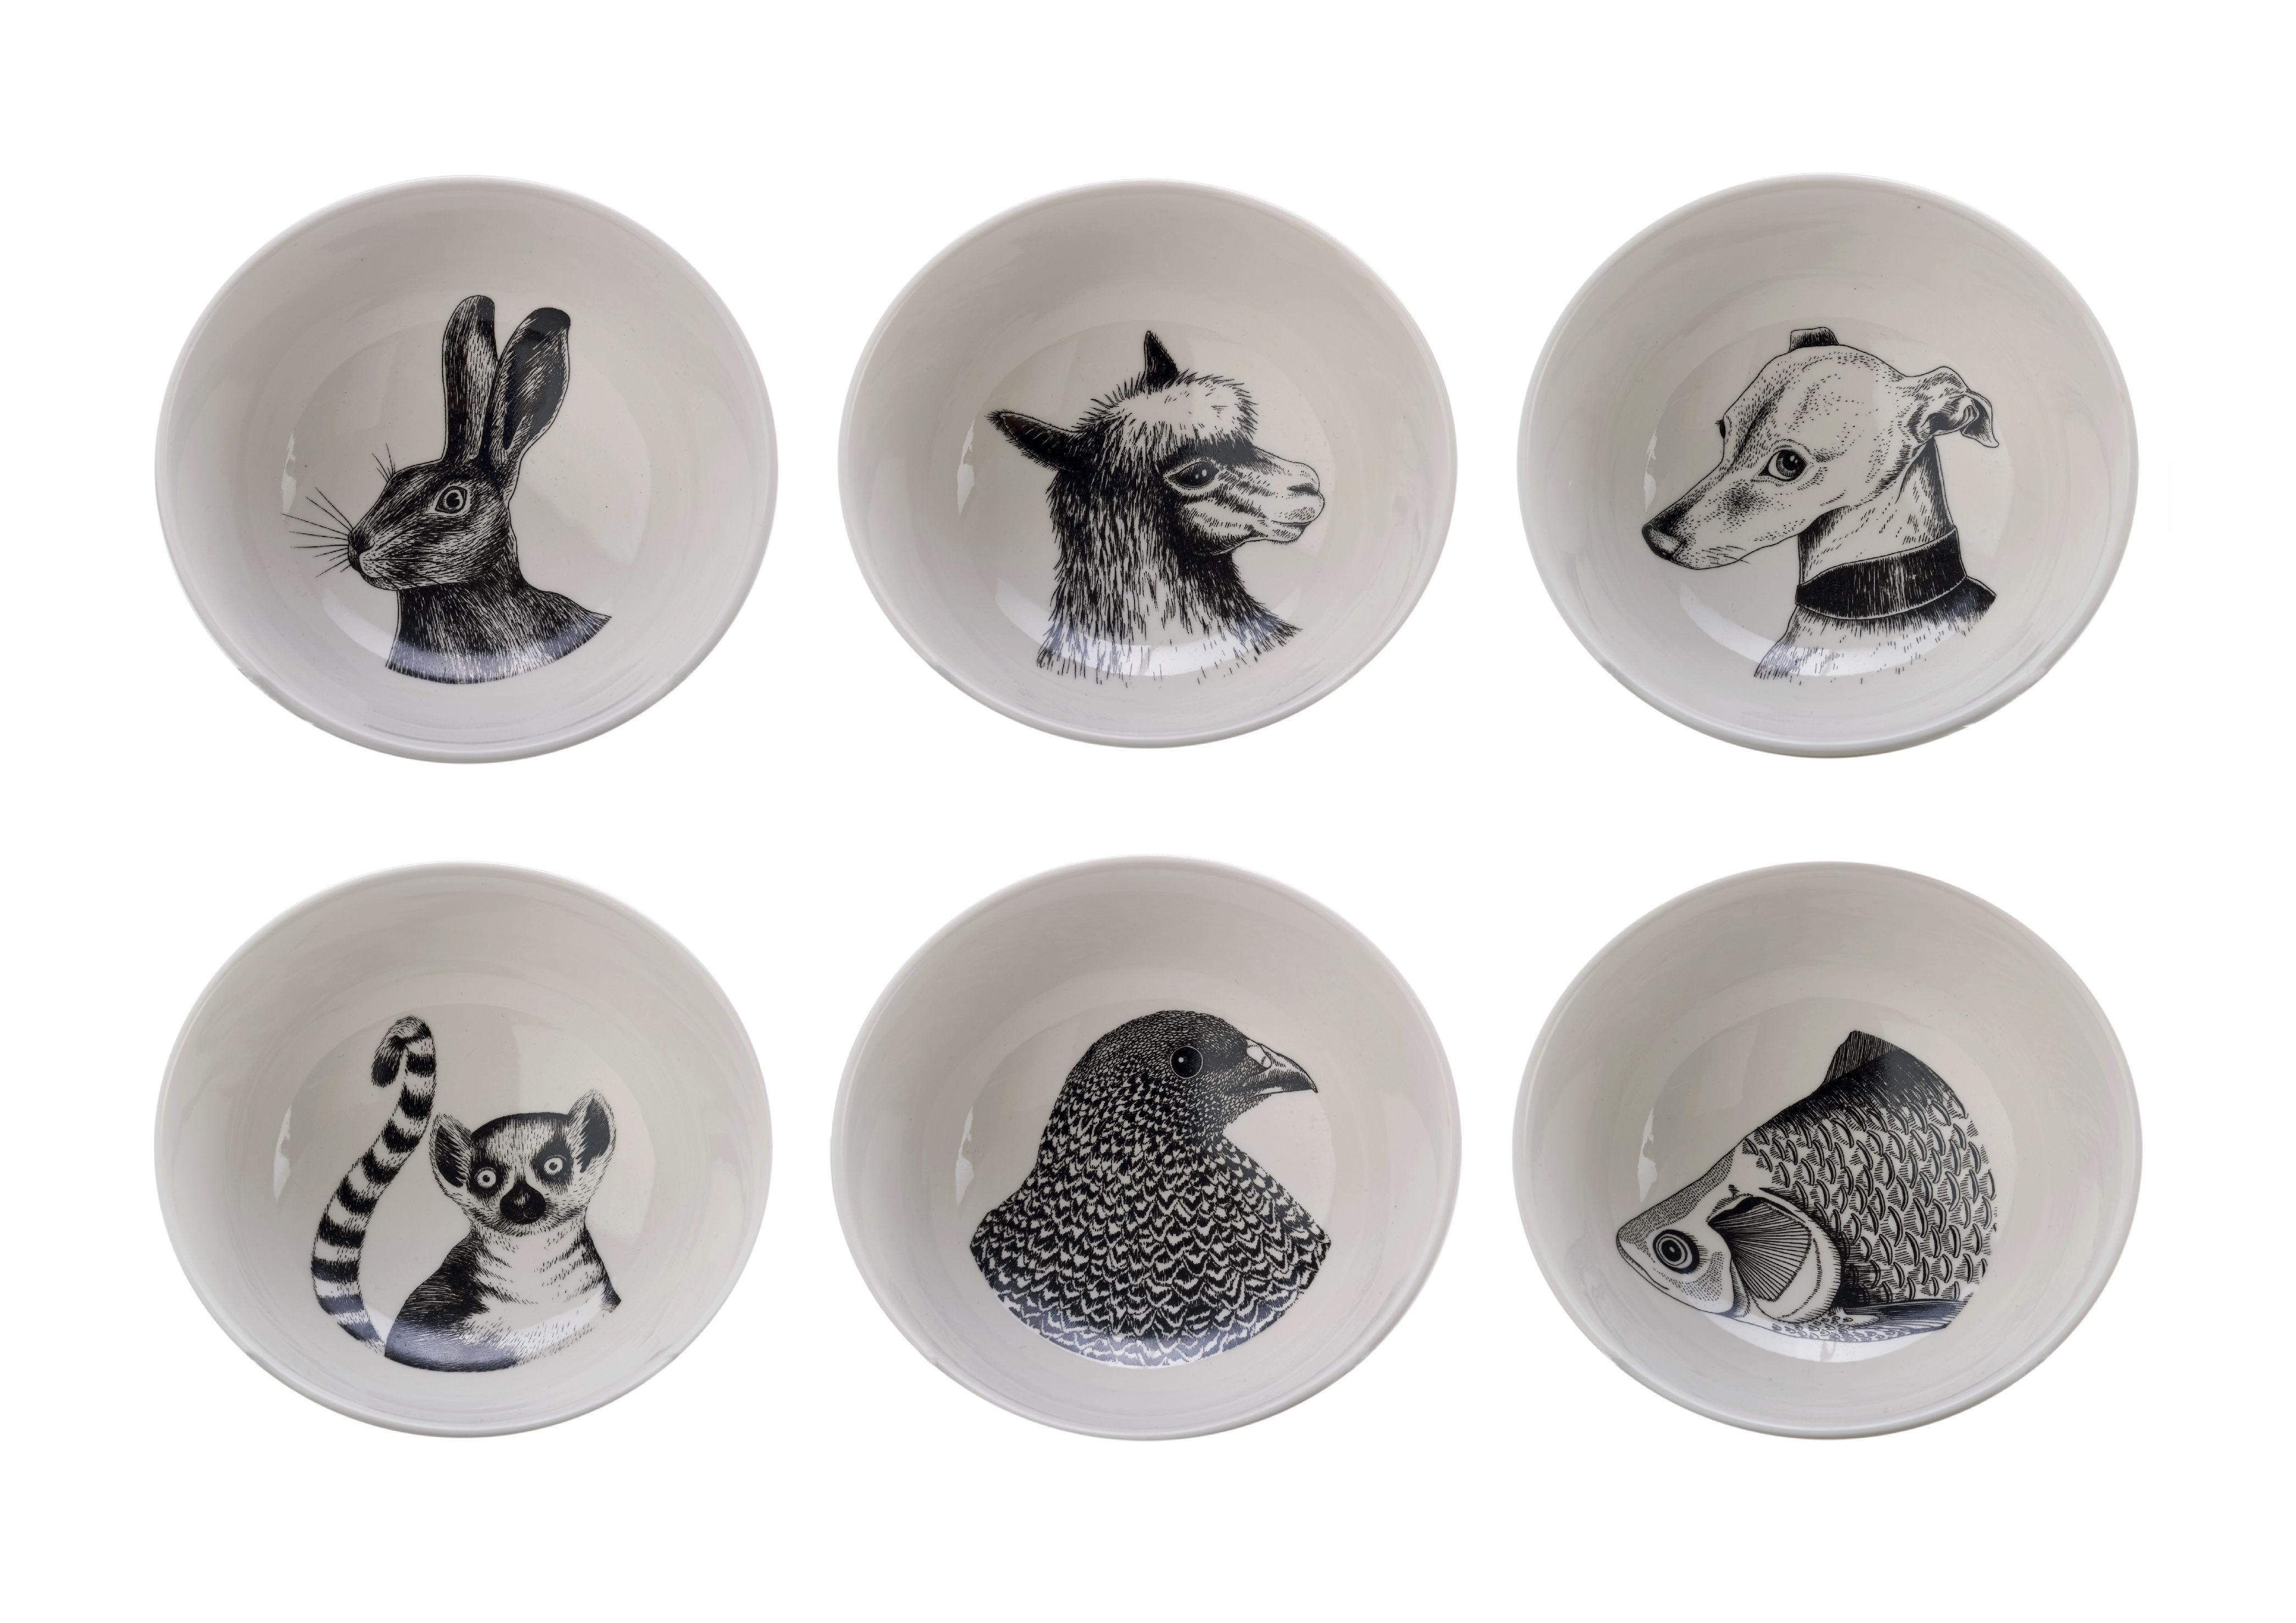 Tischkultur - Salatschüsseln und Schalen - Animals Schale / 6er Set - Porzellan - Pols Potten - Schwarz & weiß - Verglastes Porzellan